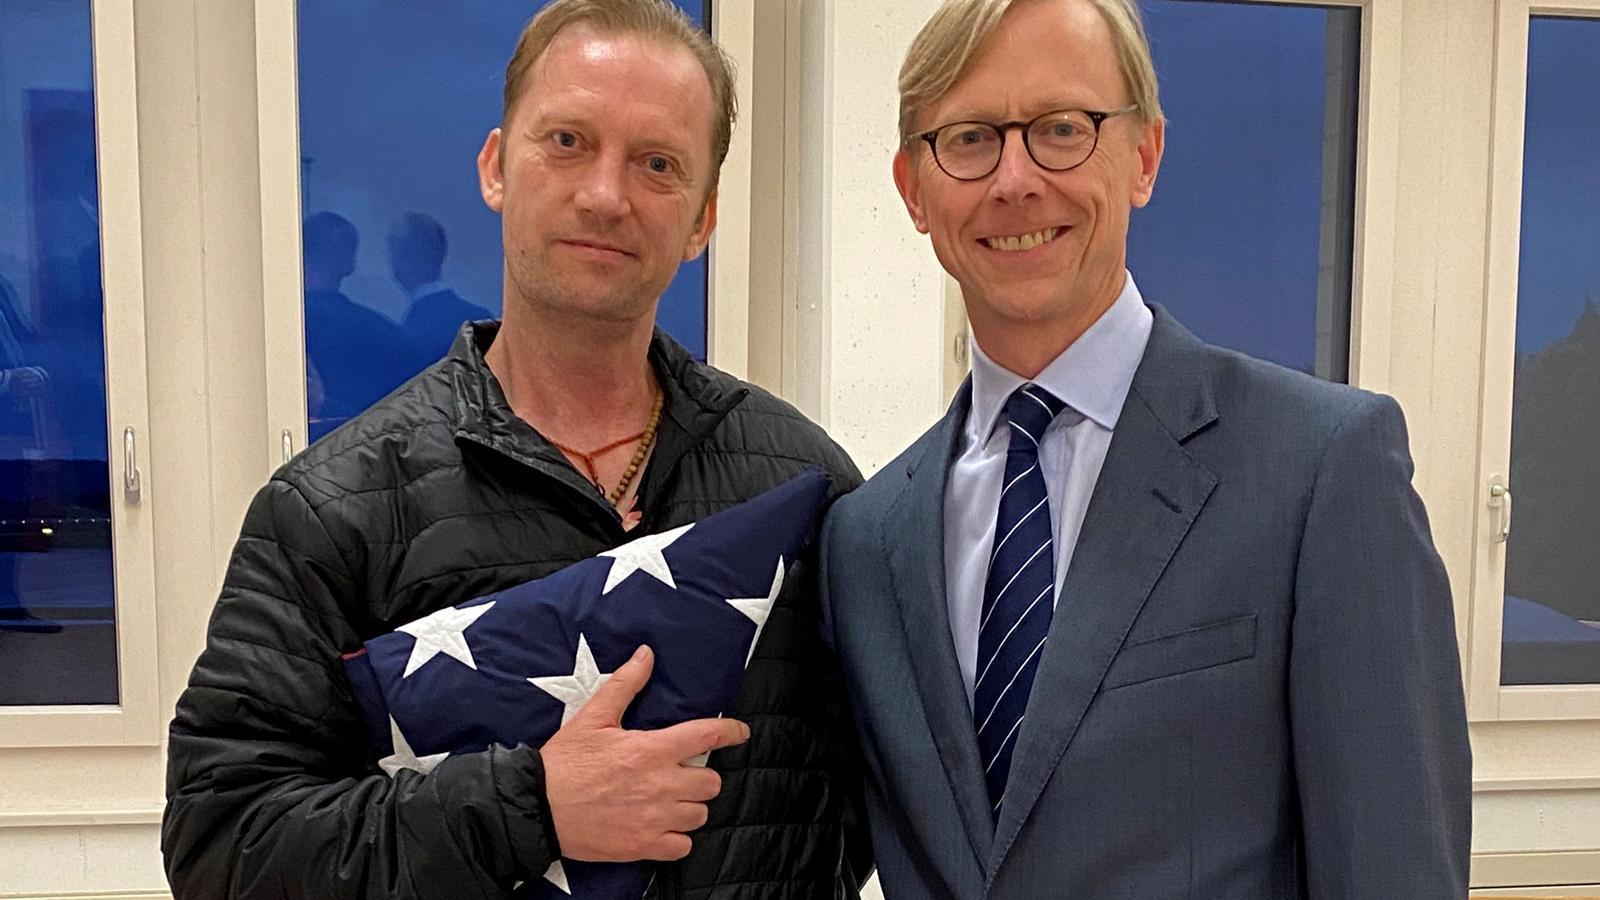 Michael White, a l'esquerra, en el moment d'arribar a l'aeroport de Zuric